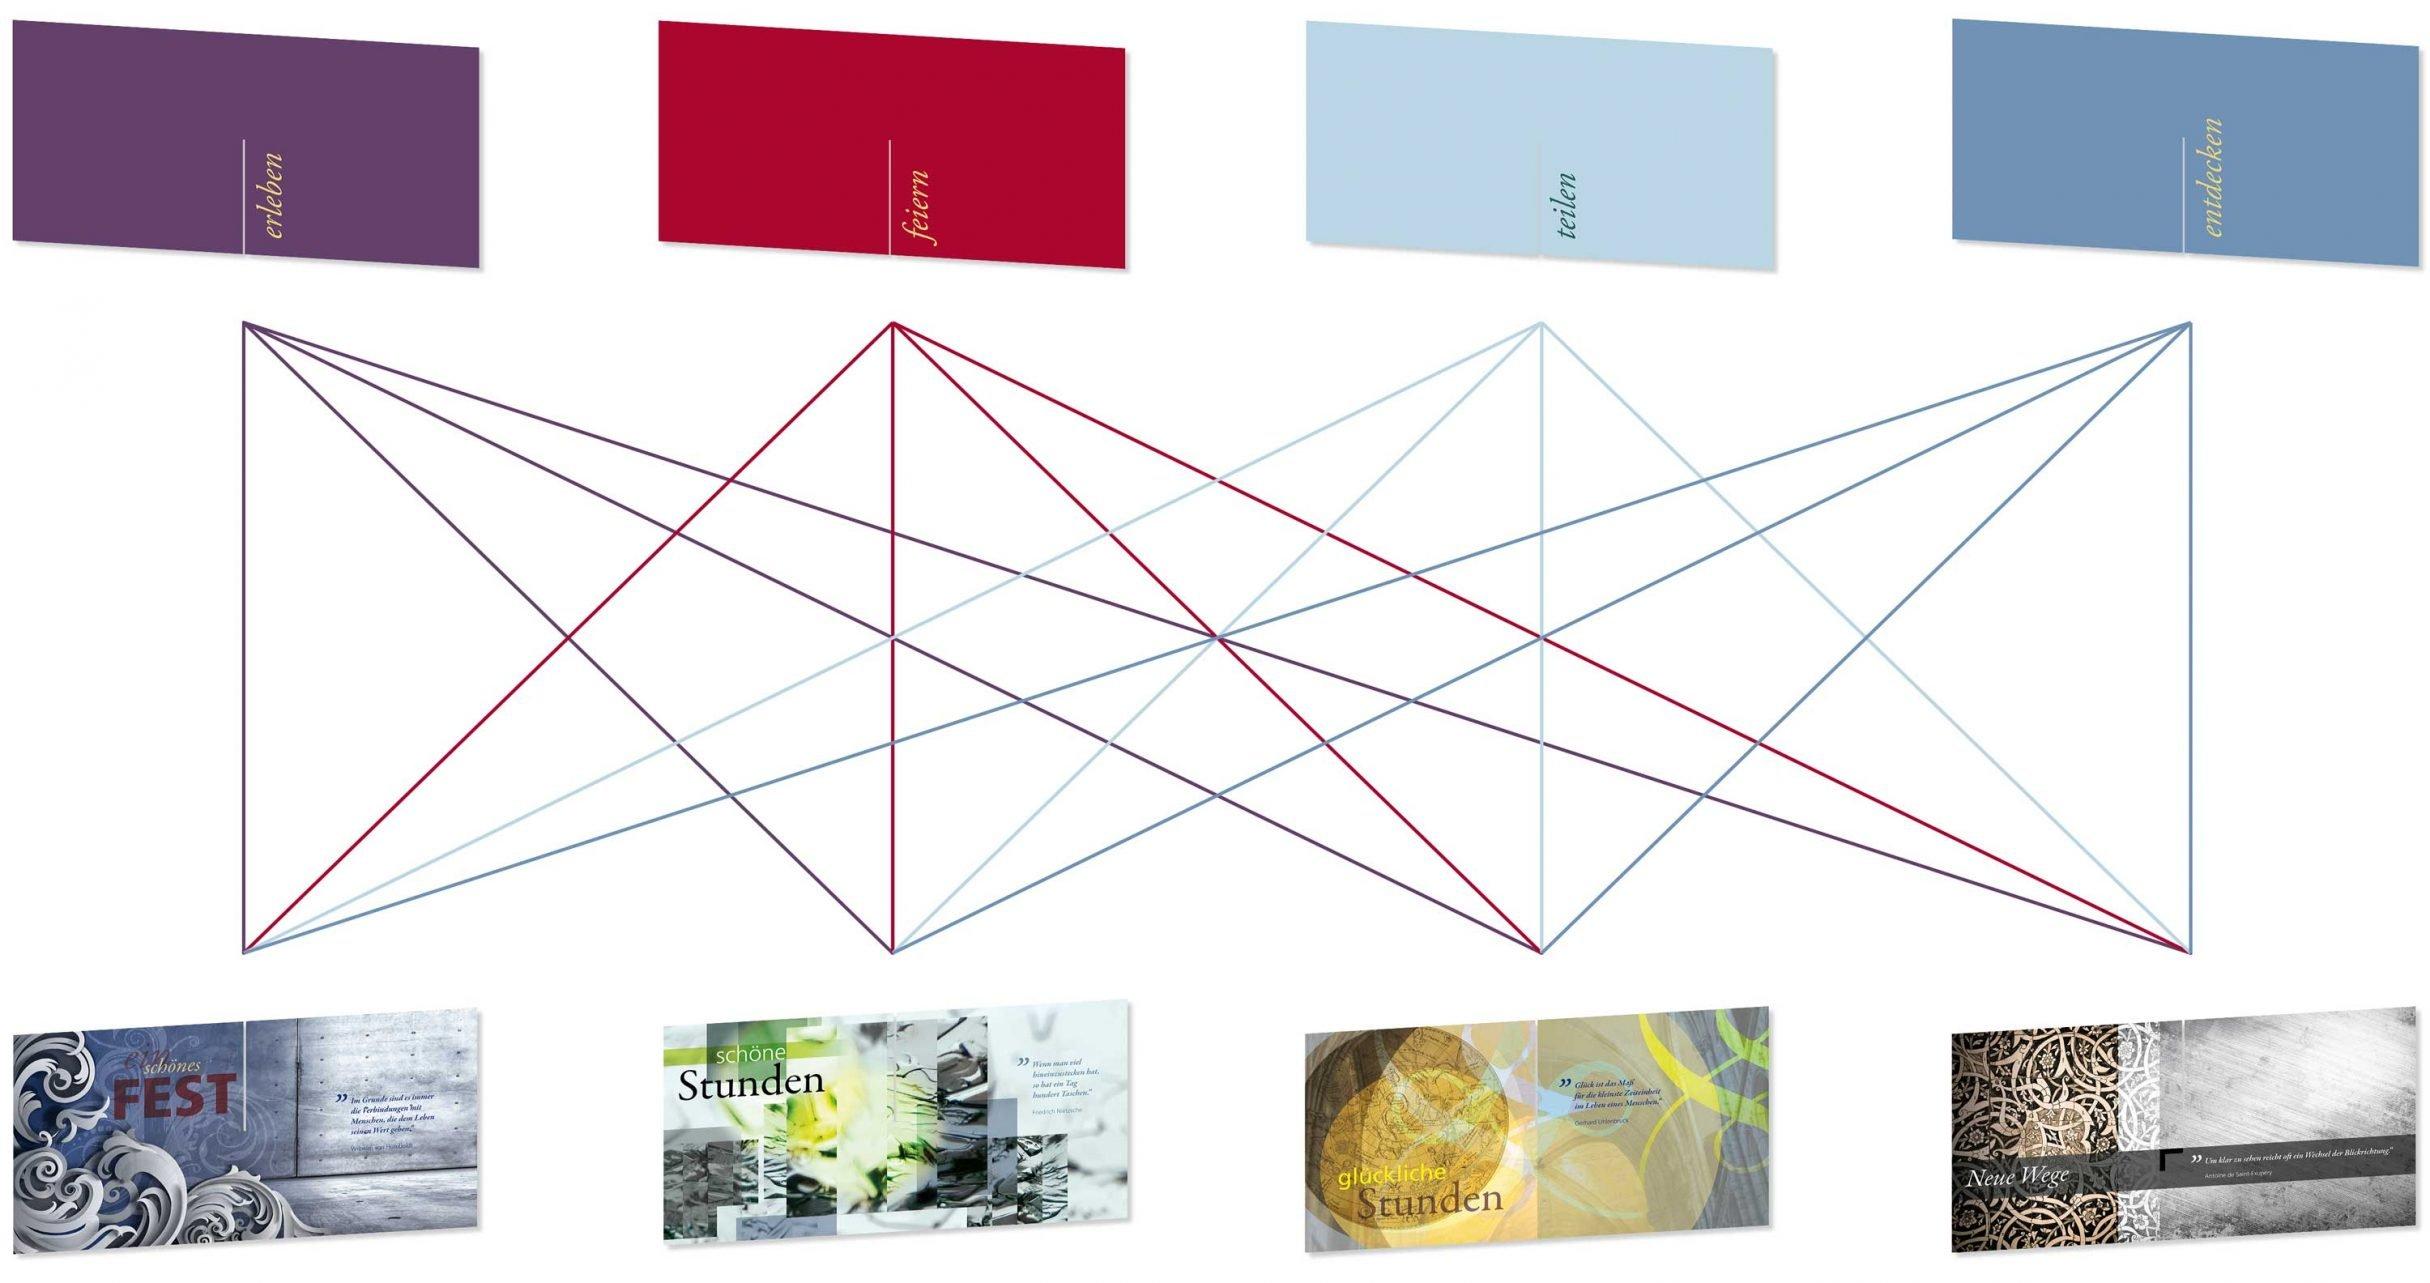 Cards-System-Design für cadventure: DIE NEUDENKER® Agentur, Darmstadt